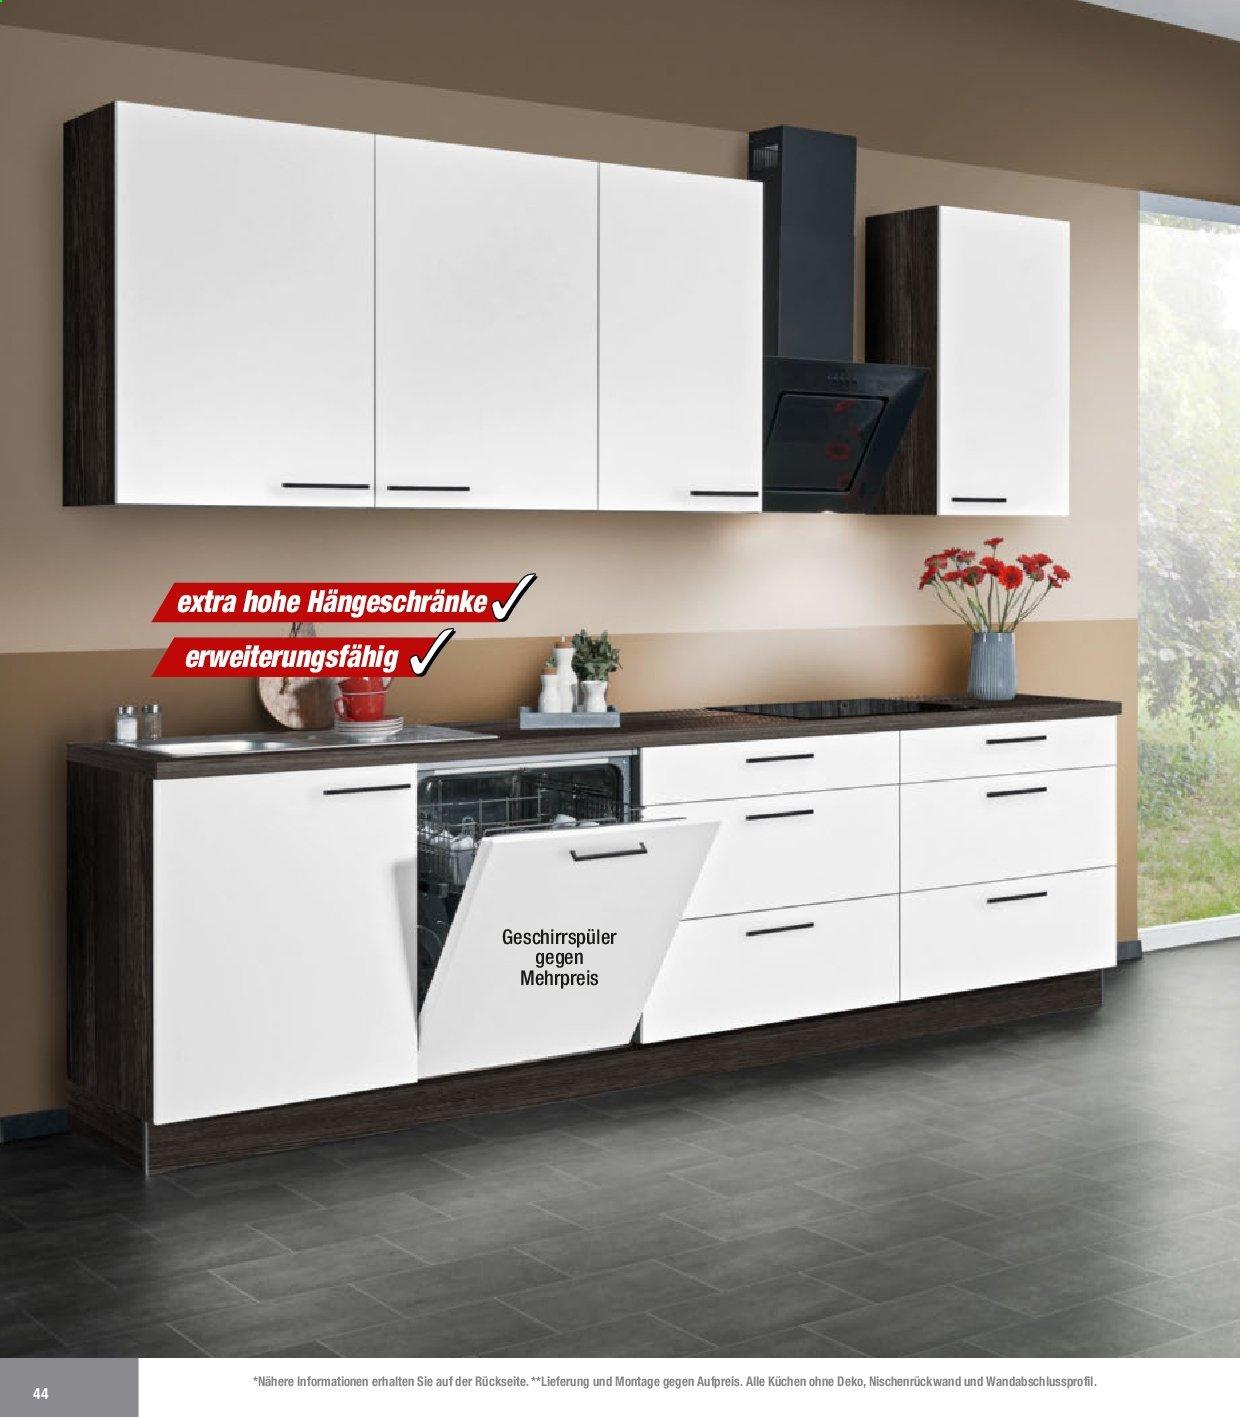 Full Size of Küchenzeile Poco Big Sofa Betten Schlafzimmer Komplett Bett 140x200 Küche Wohnzimmer Küchenzeile Poco